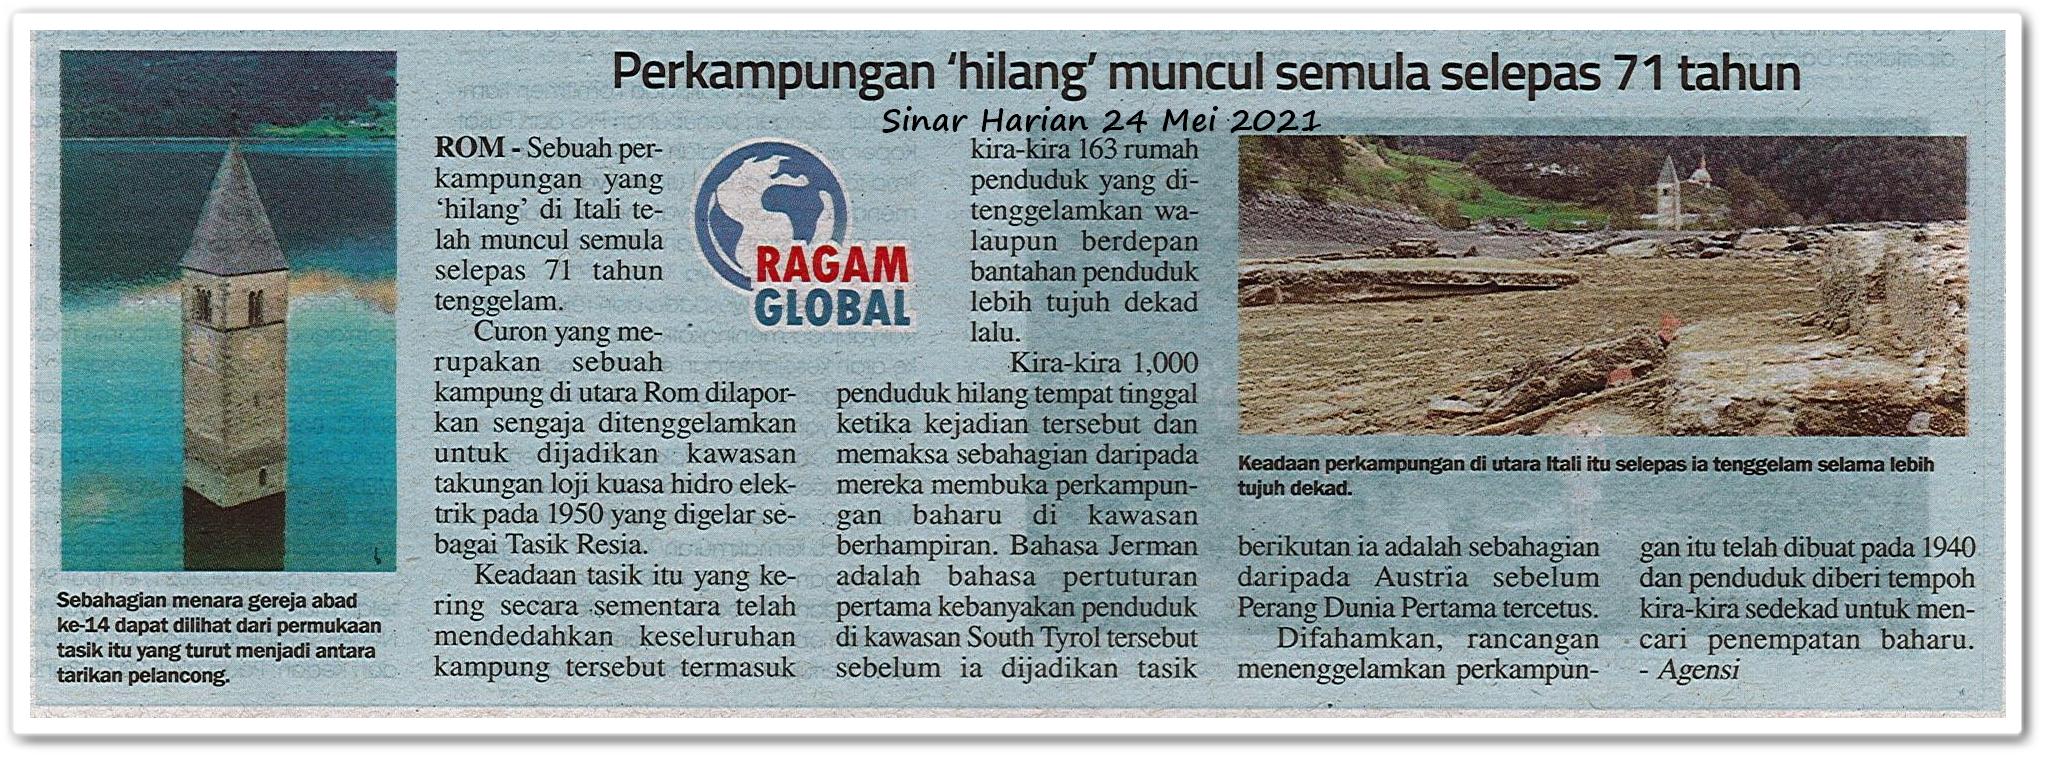 Perkampungan 'hilang' muncul semula selepas 71 tahun - Keratan akhbar Sinar Harian 24 April 2021